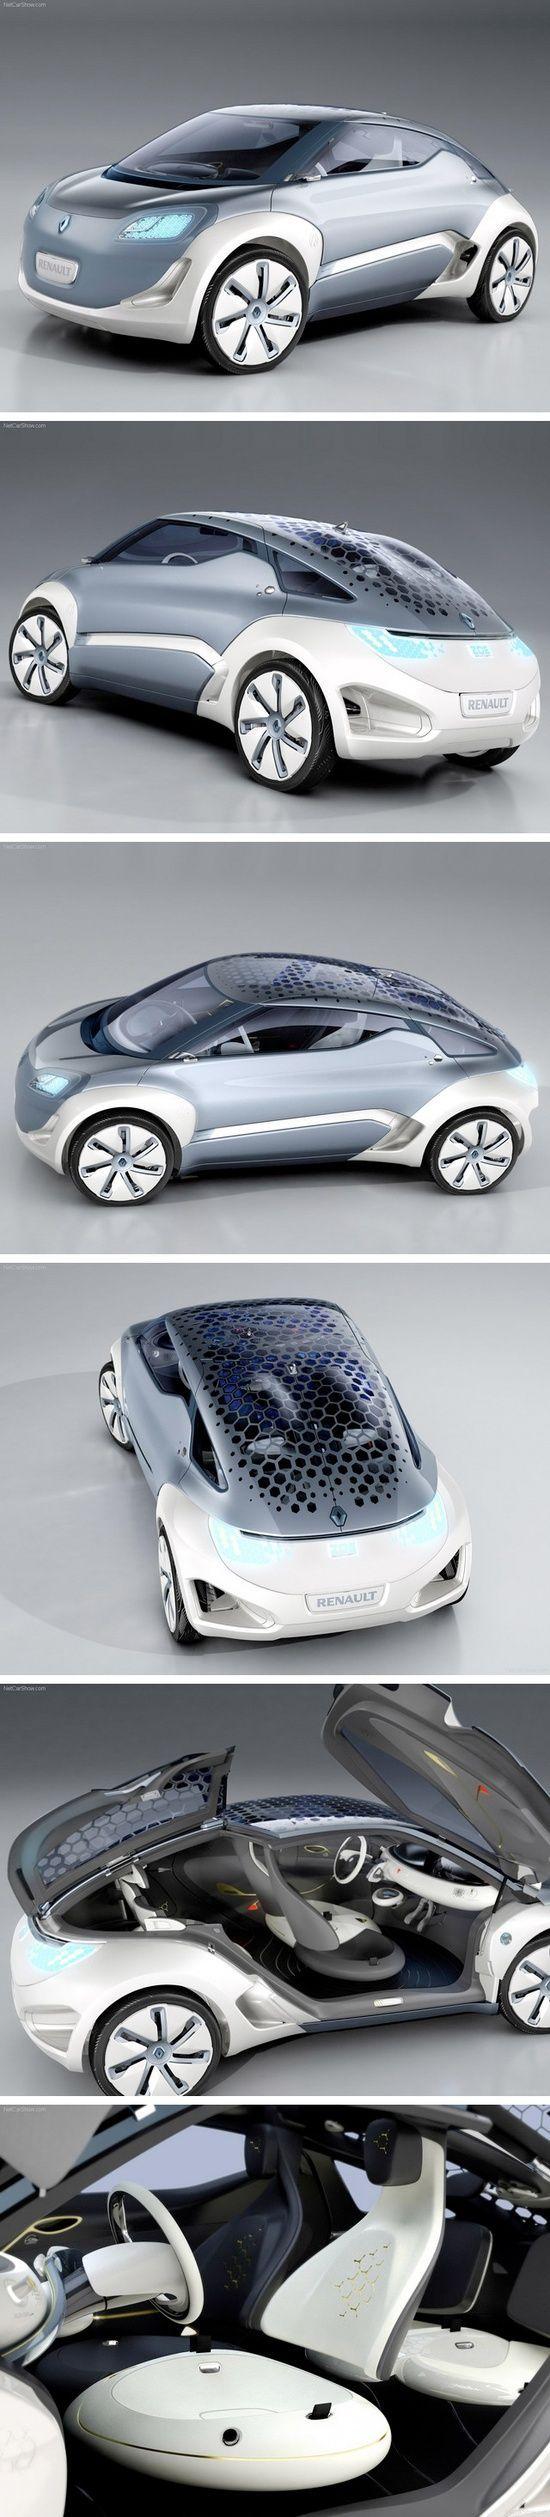 1000 id es propos de voitures futuristes sur pinterest concept cars voitures et v hicules. Black Bedroom Furniture Sets. Home Design Ideas